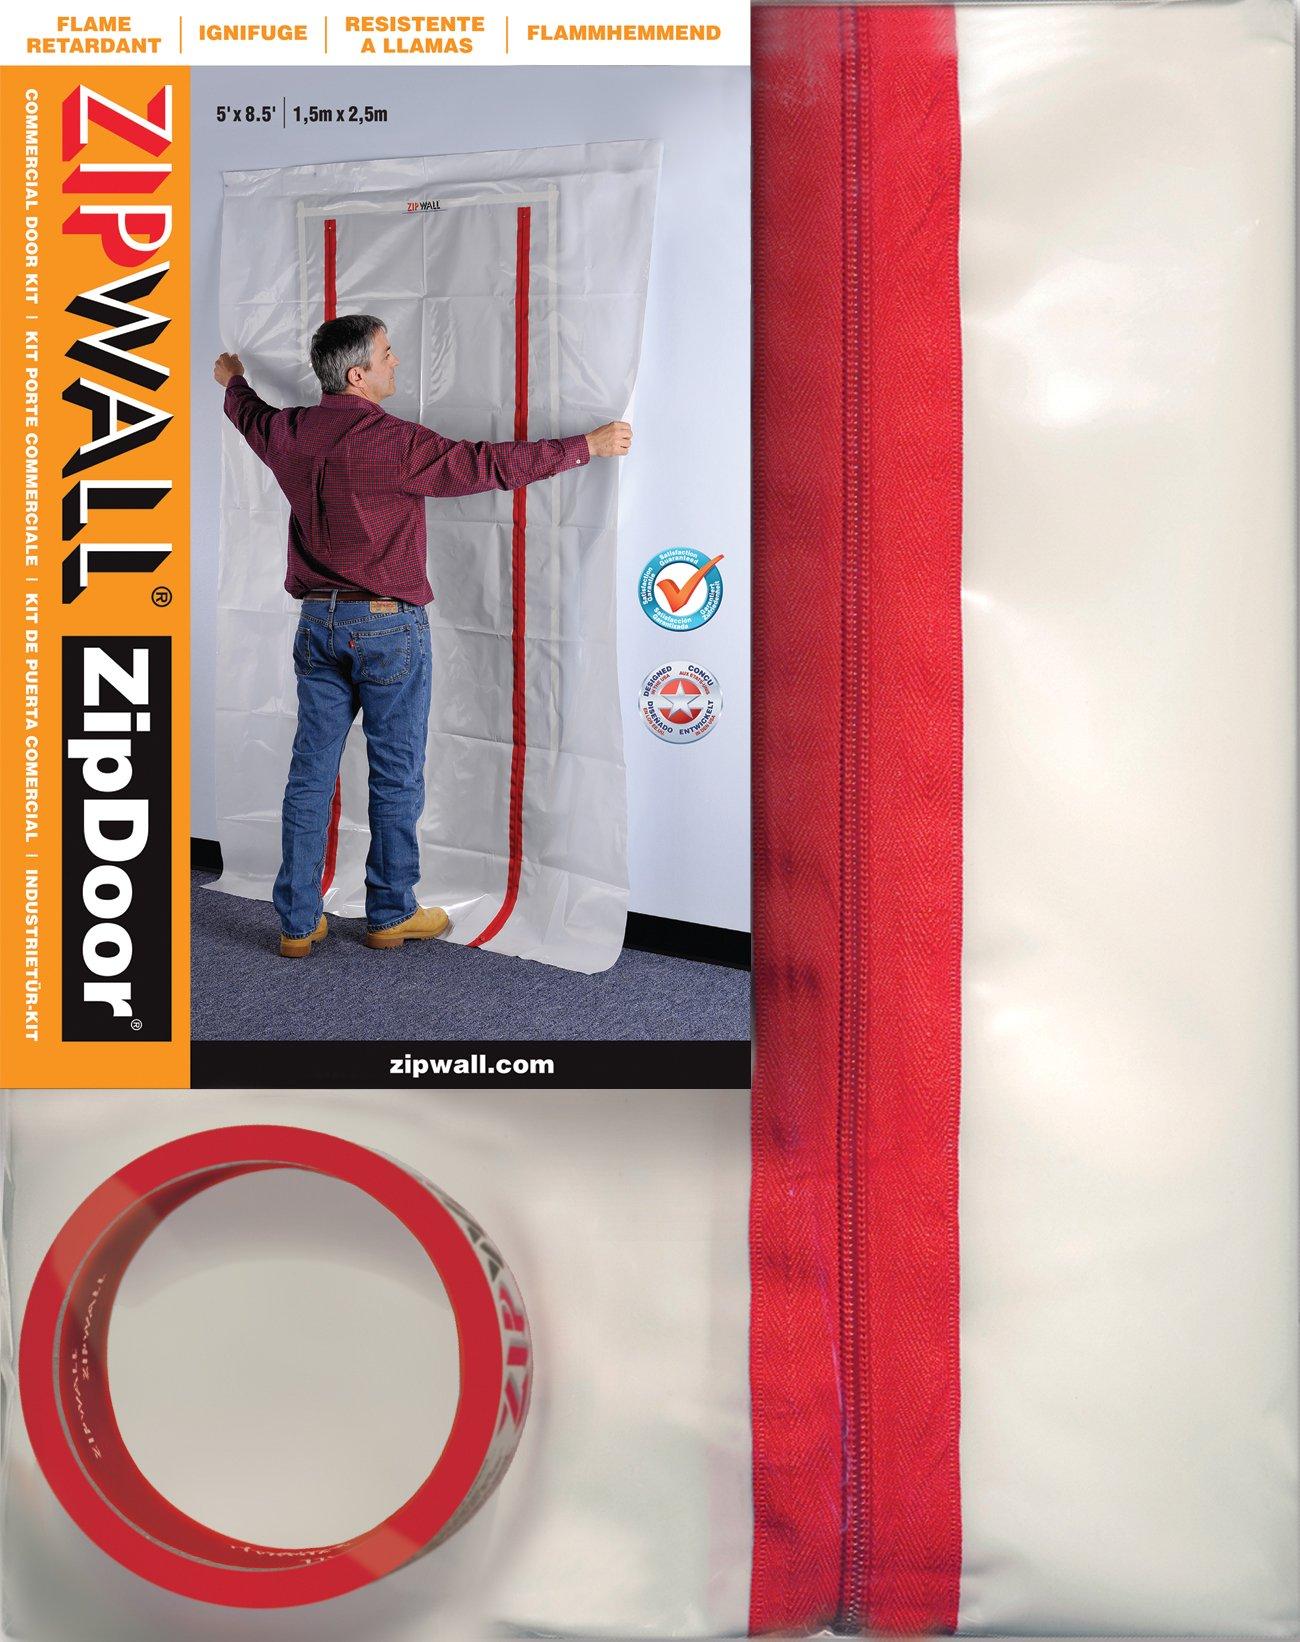 ZipWall ZipDoor Commercial Door Kit for Dust Containment, Flame Retardant, ZDC by ZipWall